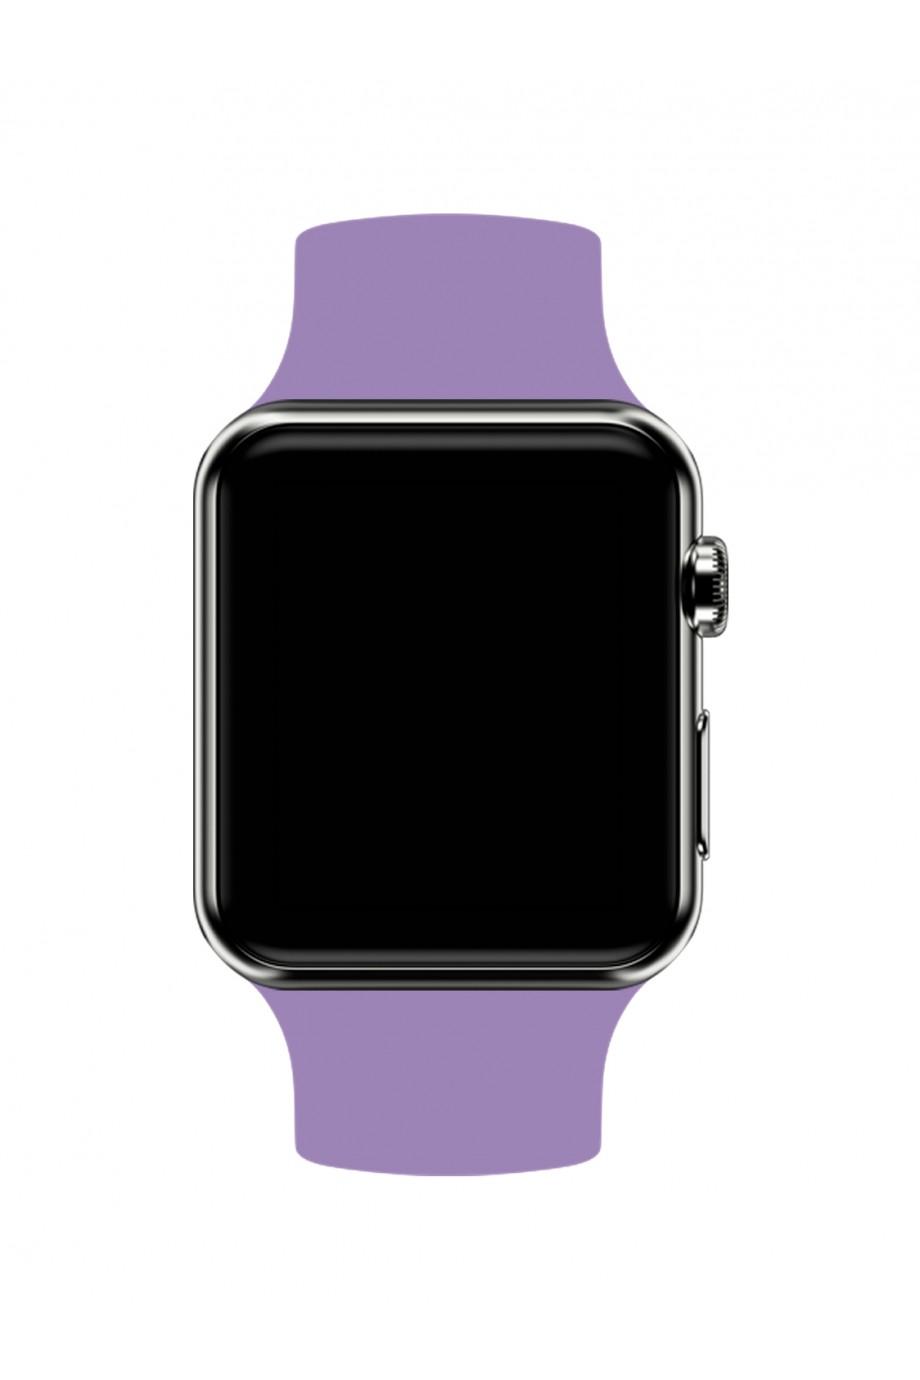 Силиконовый ремешок для Apple Watch 4/5 44 мм, сиреневый